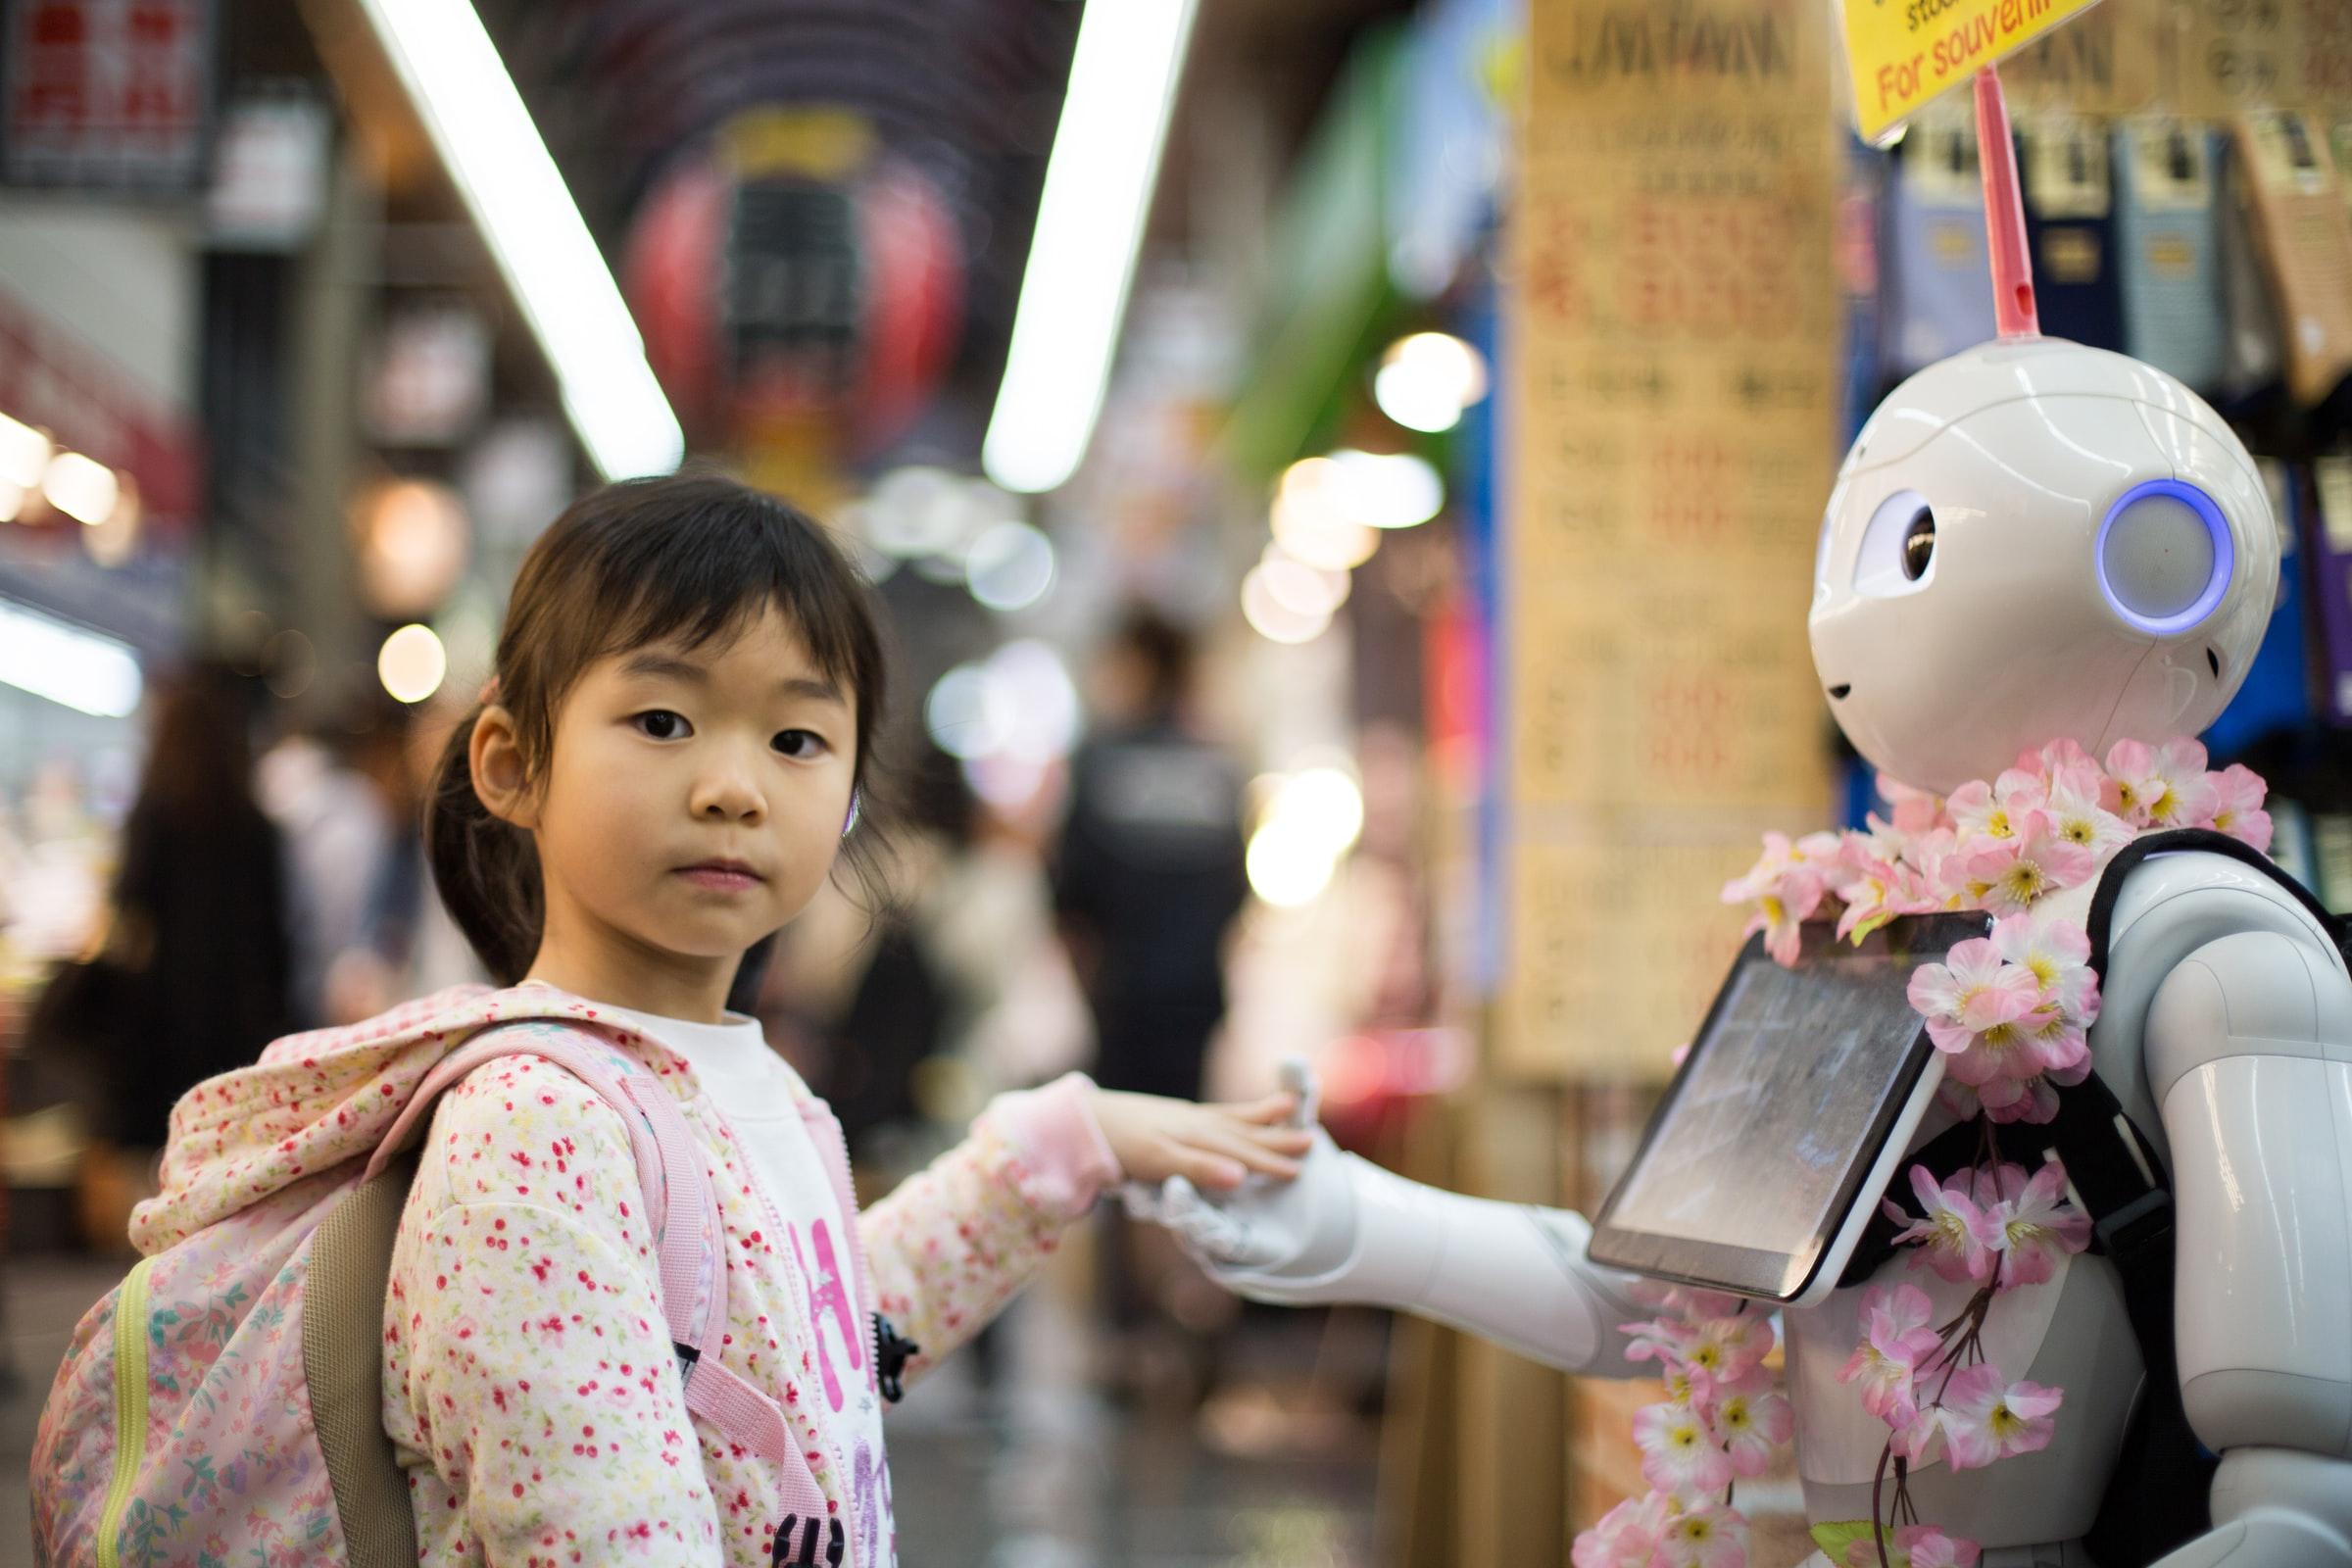 Fotografia di un robot con sembianze umane che porge la mano a una bambina